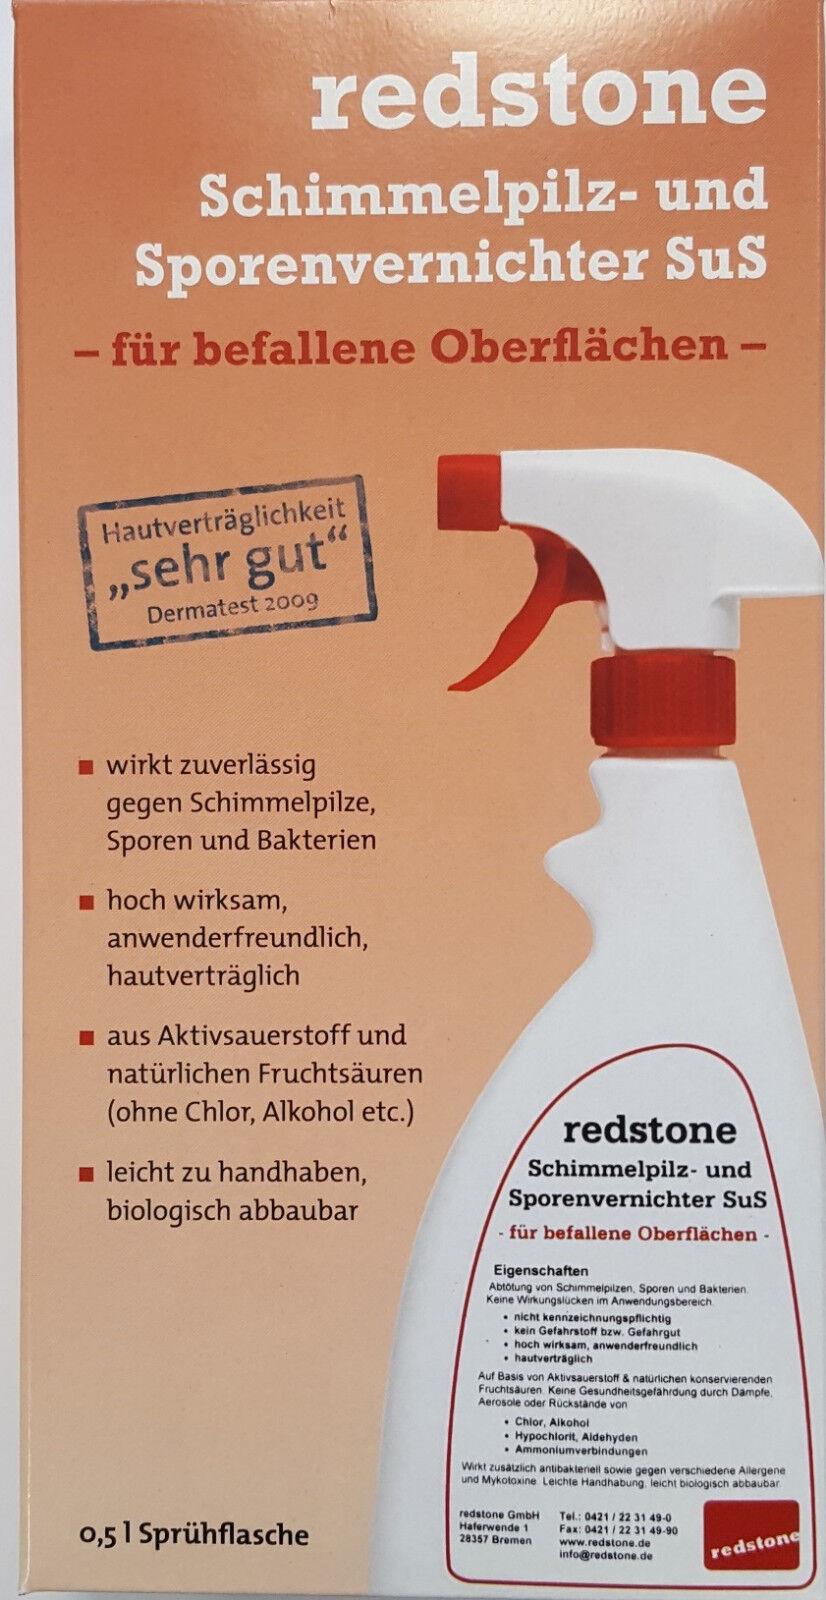 Redstone Schimmelpilz-und Sporenvernichter Schimmelspray Schimmelentferner 500ml